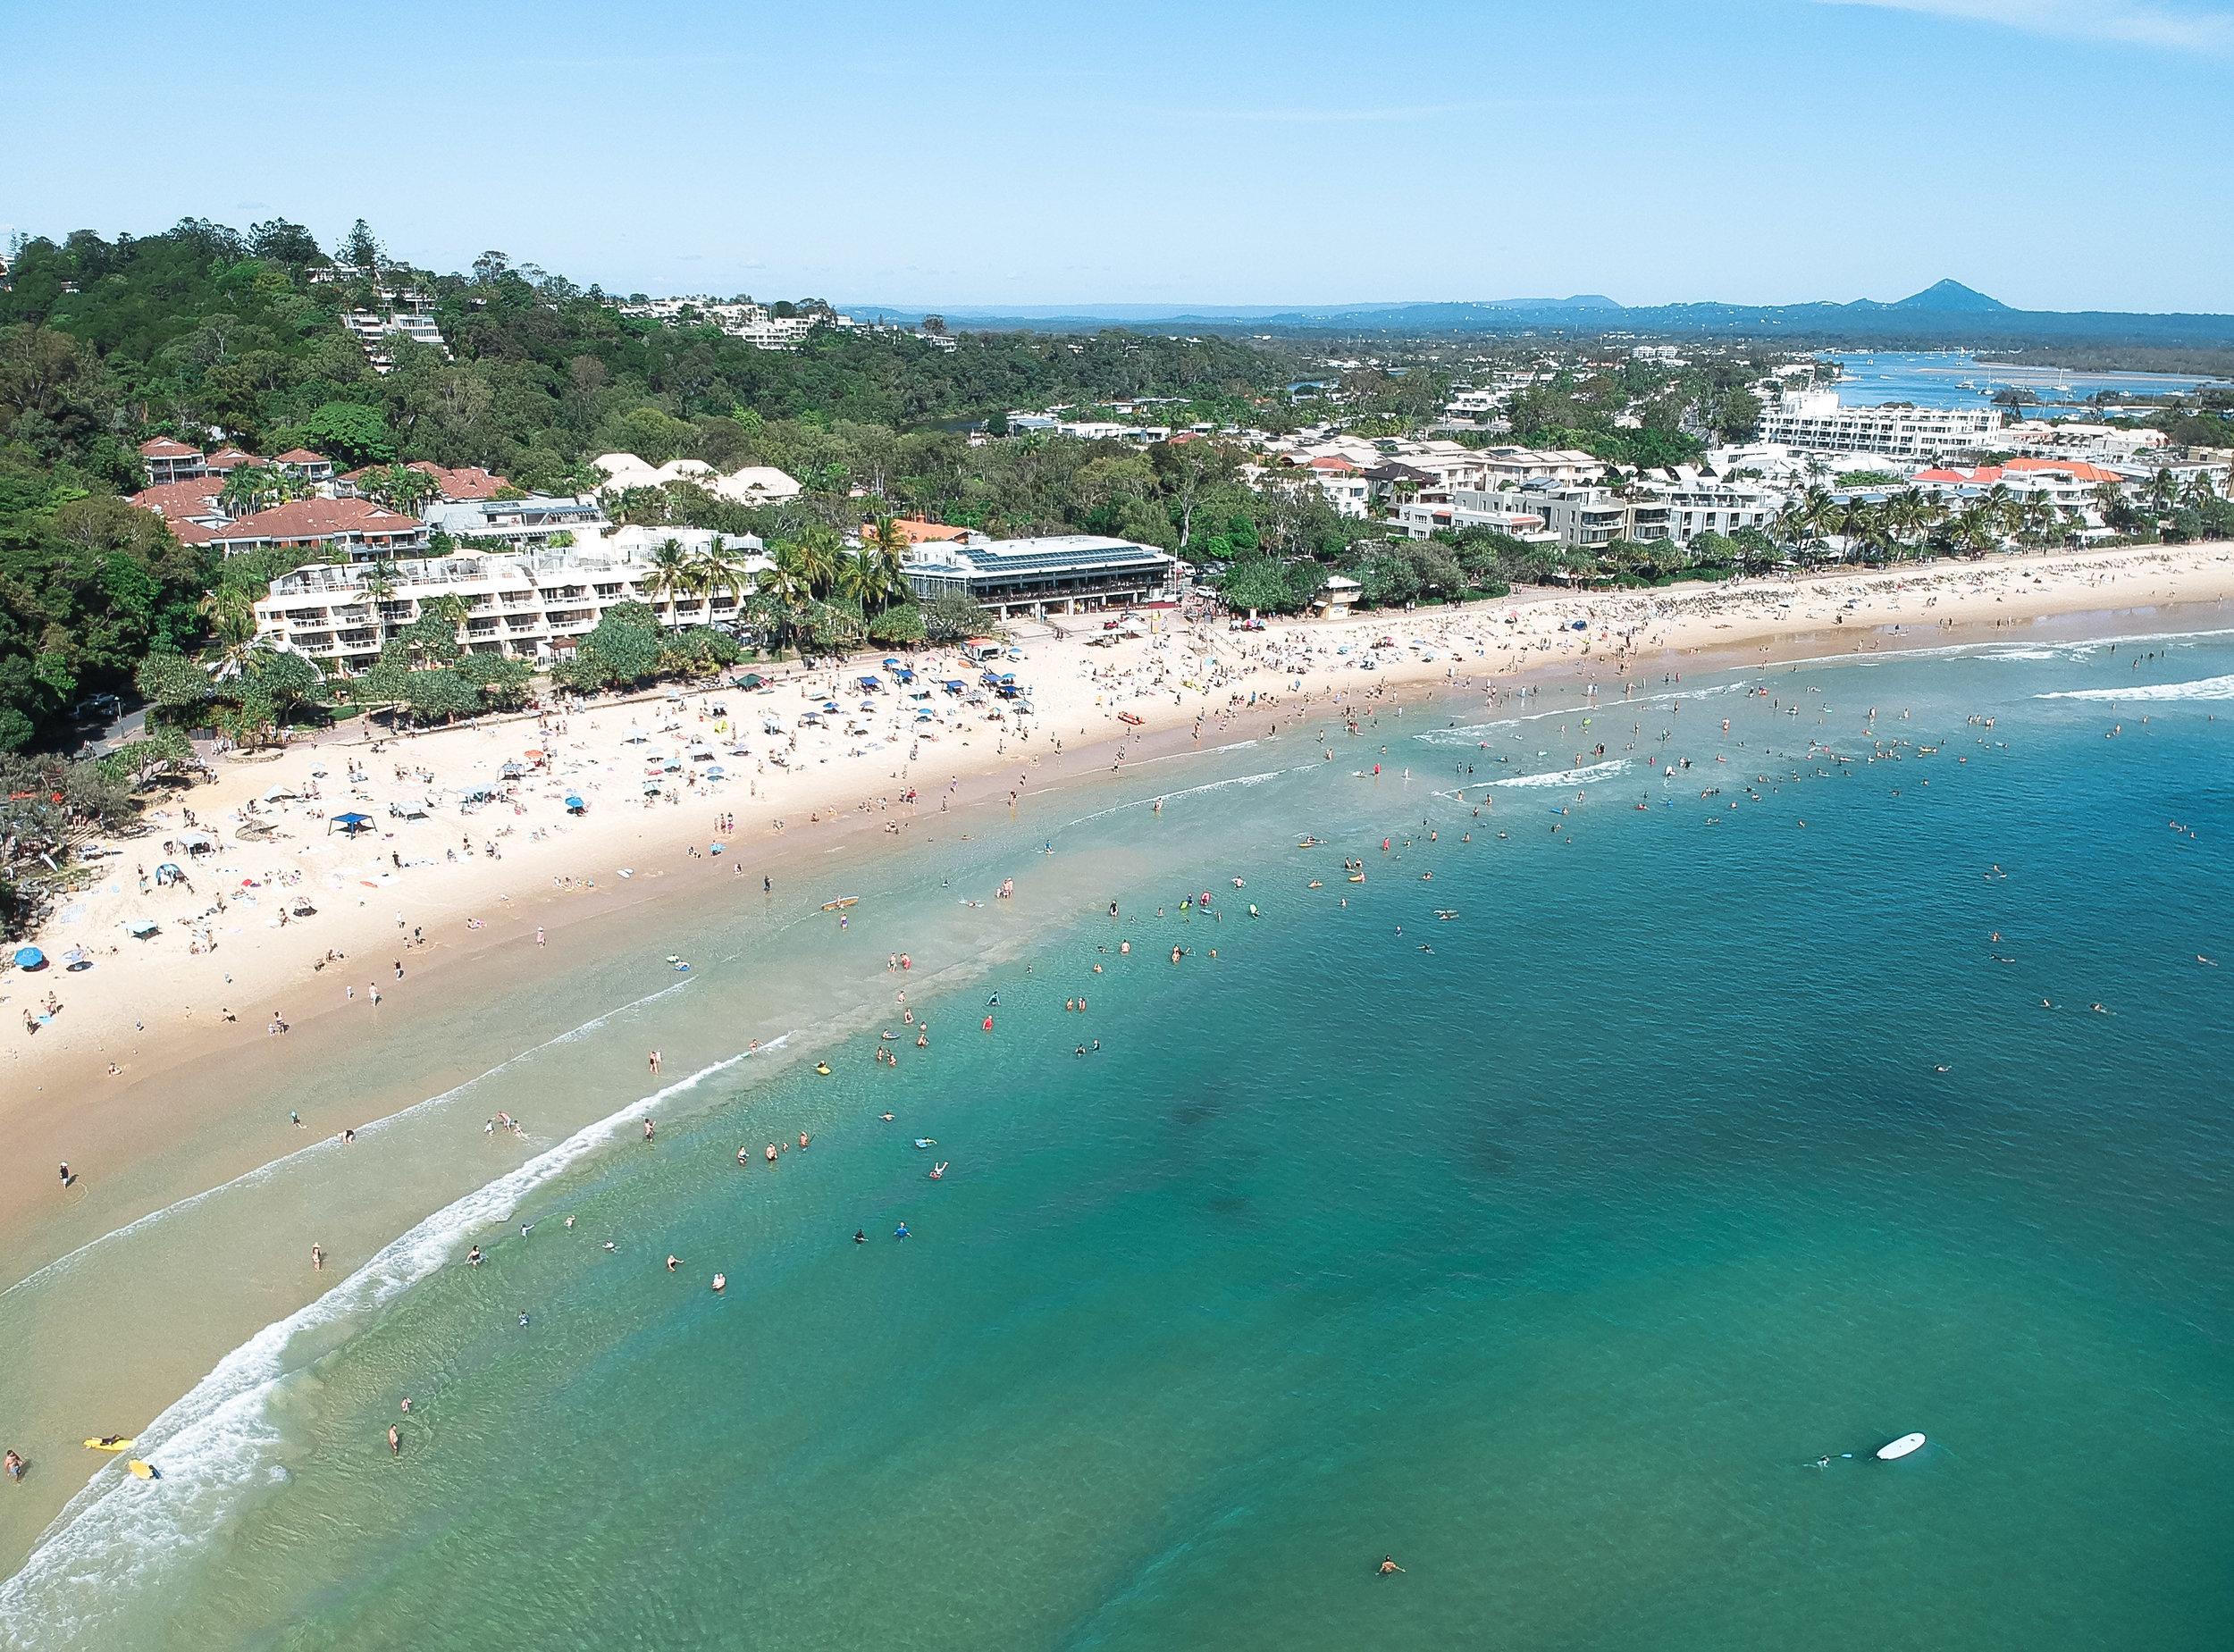 curio.trips.australia.queensland.beach.town.drone-2.jpg